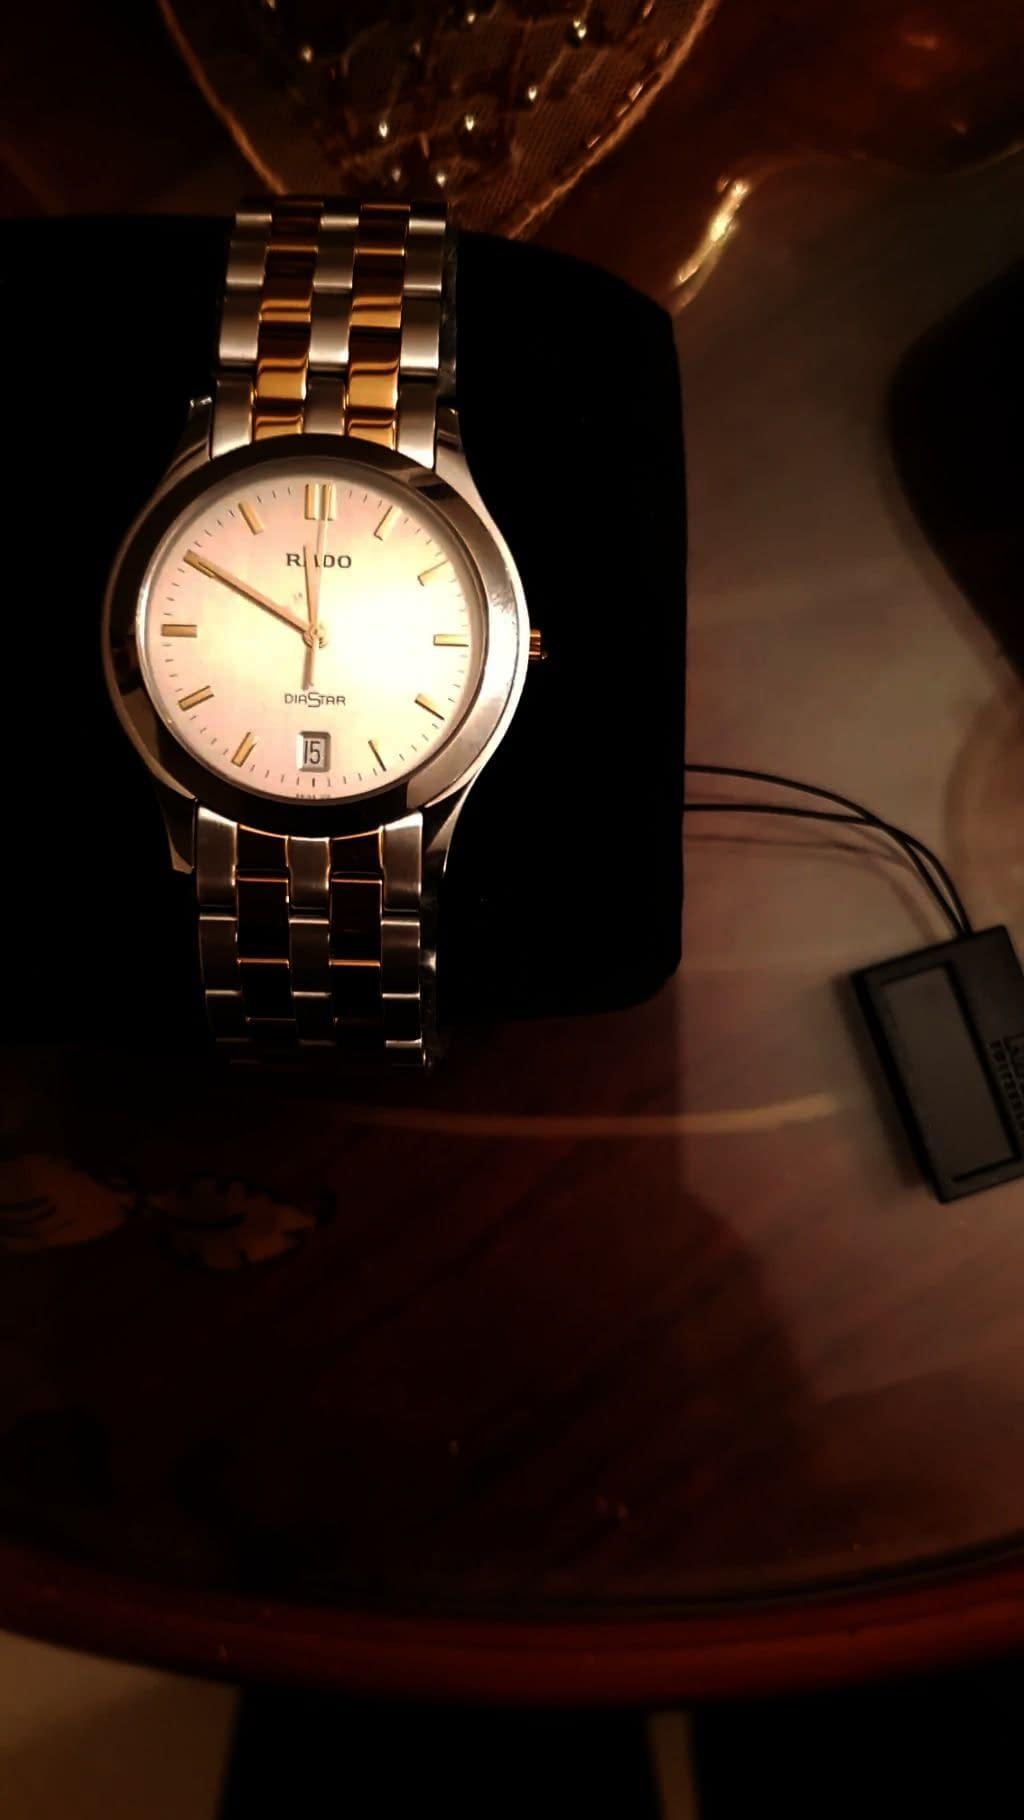 ساعة رادو رجالية الأصلية للبيع السعر